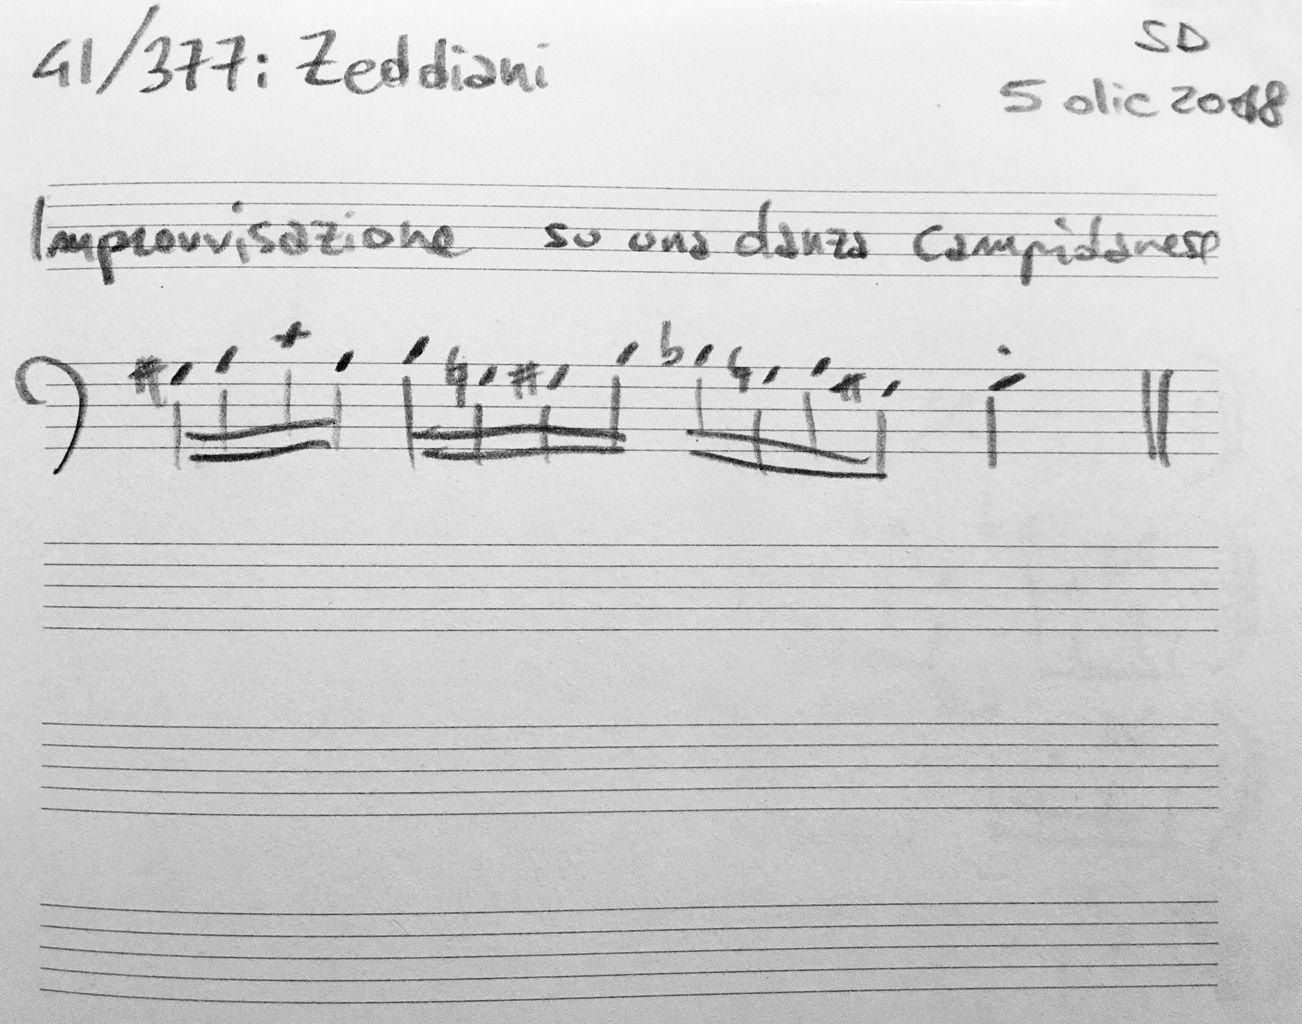 041-Zeddiani-score